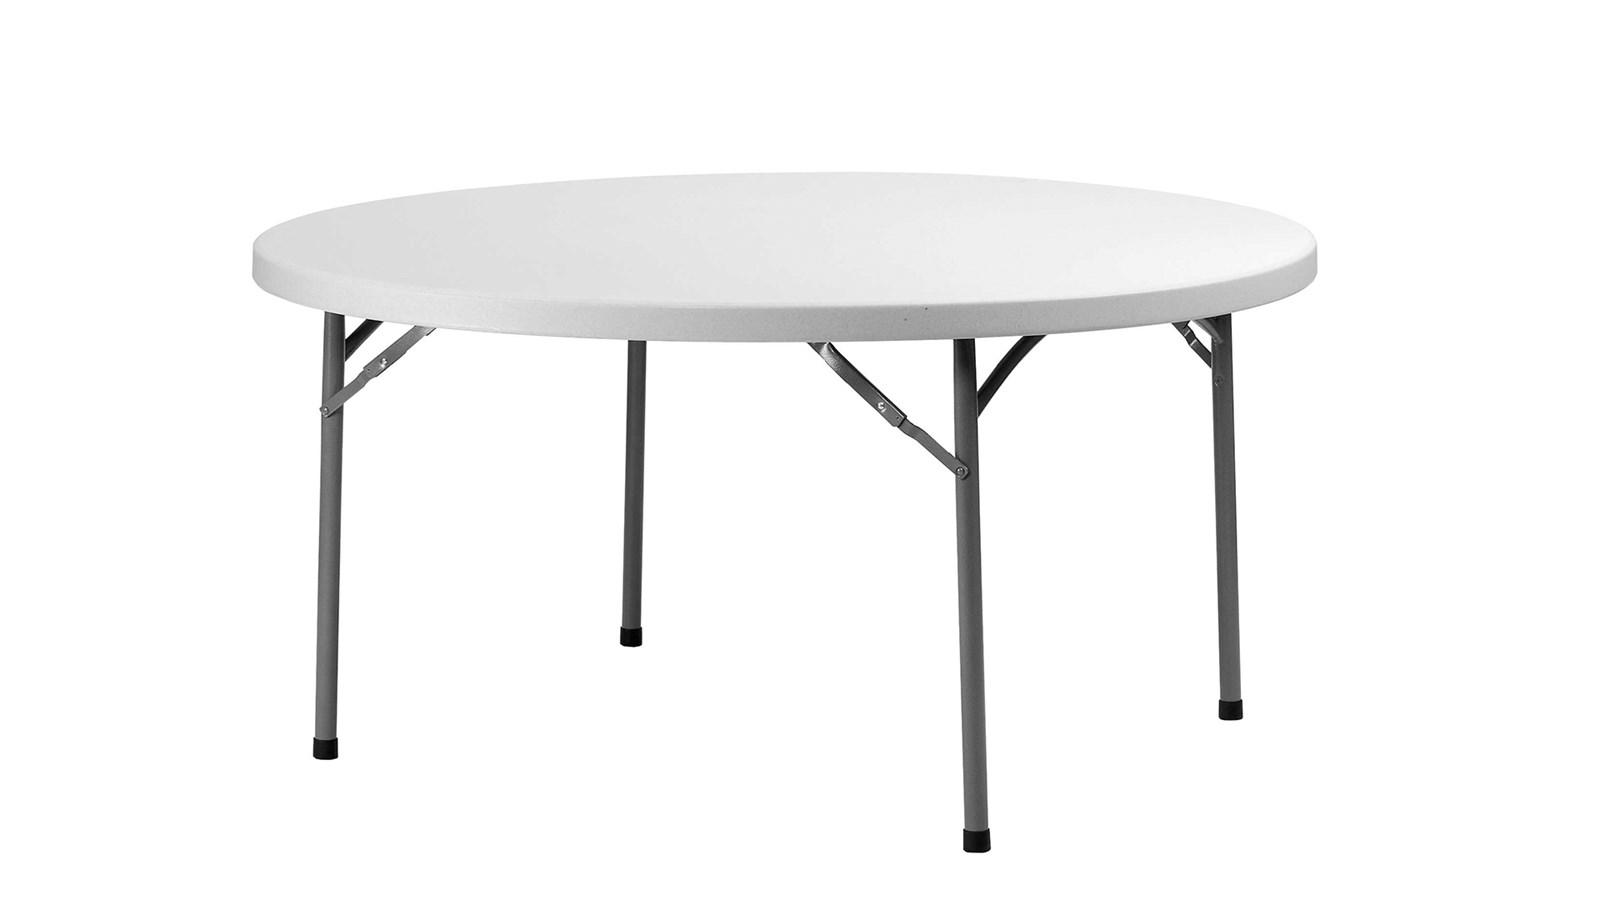 Hyra bord | Vi gör det enkelt för dig | Beställ här | O.B.